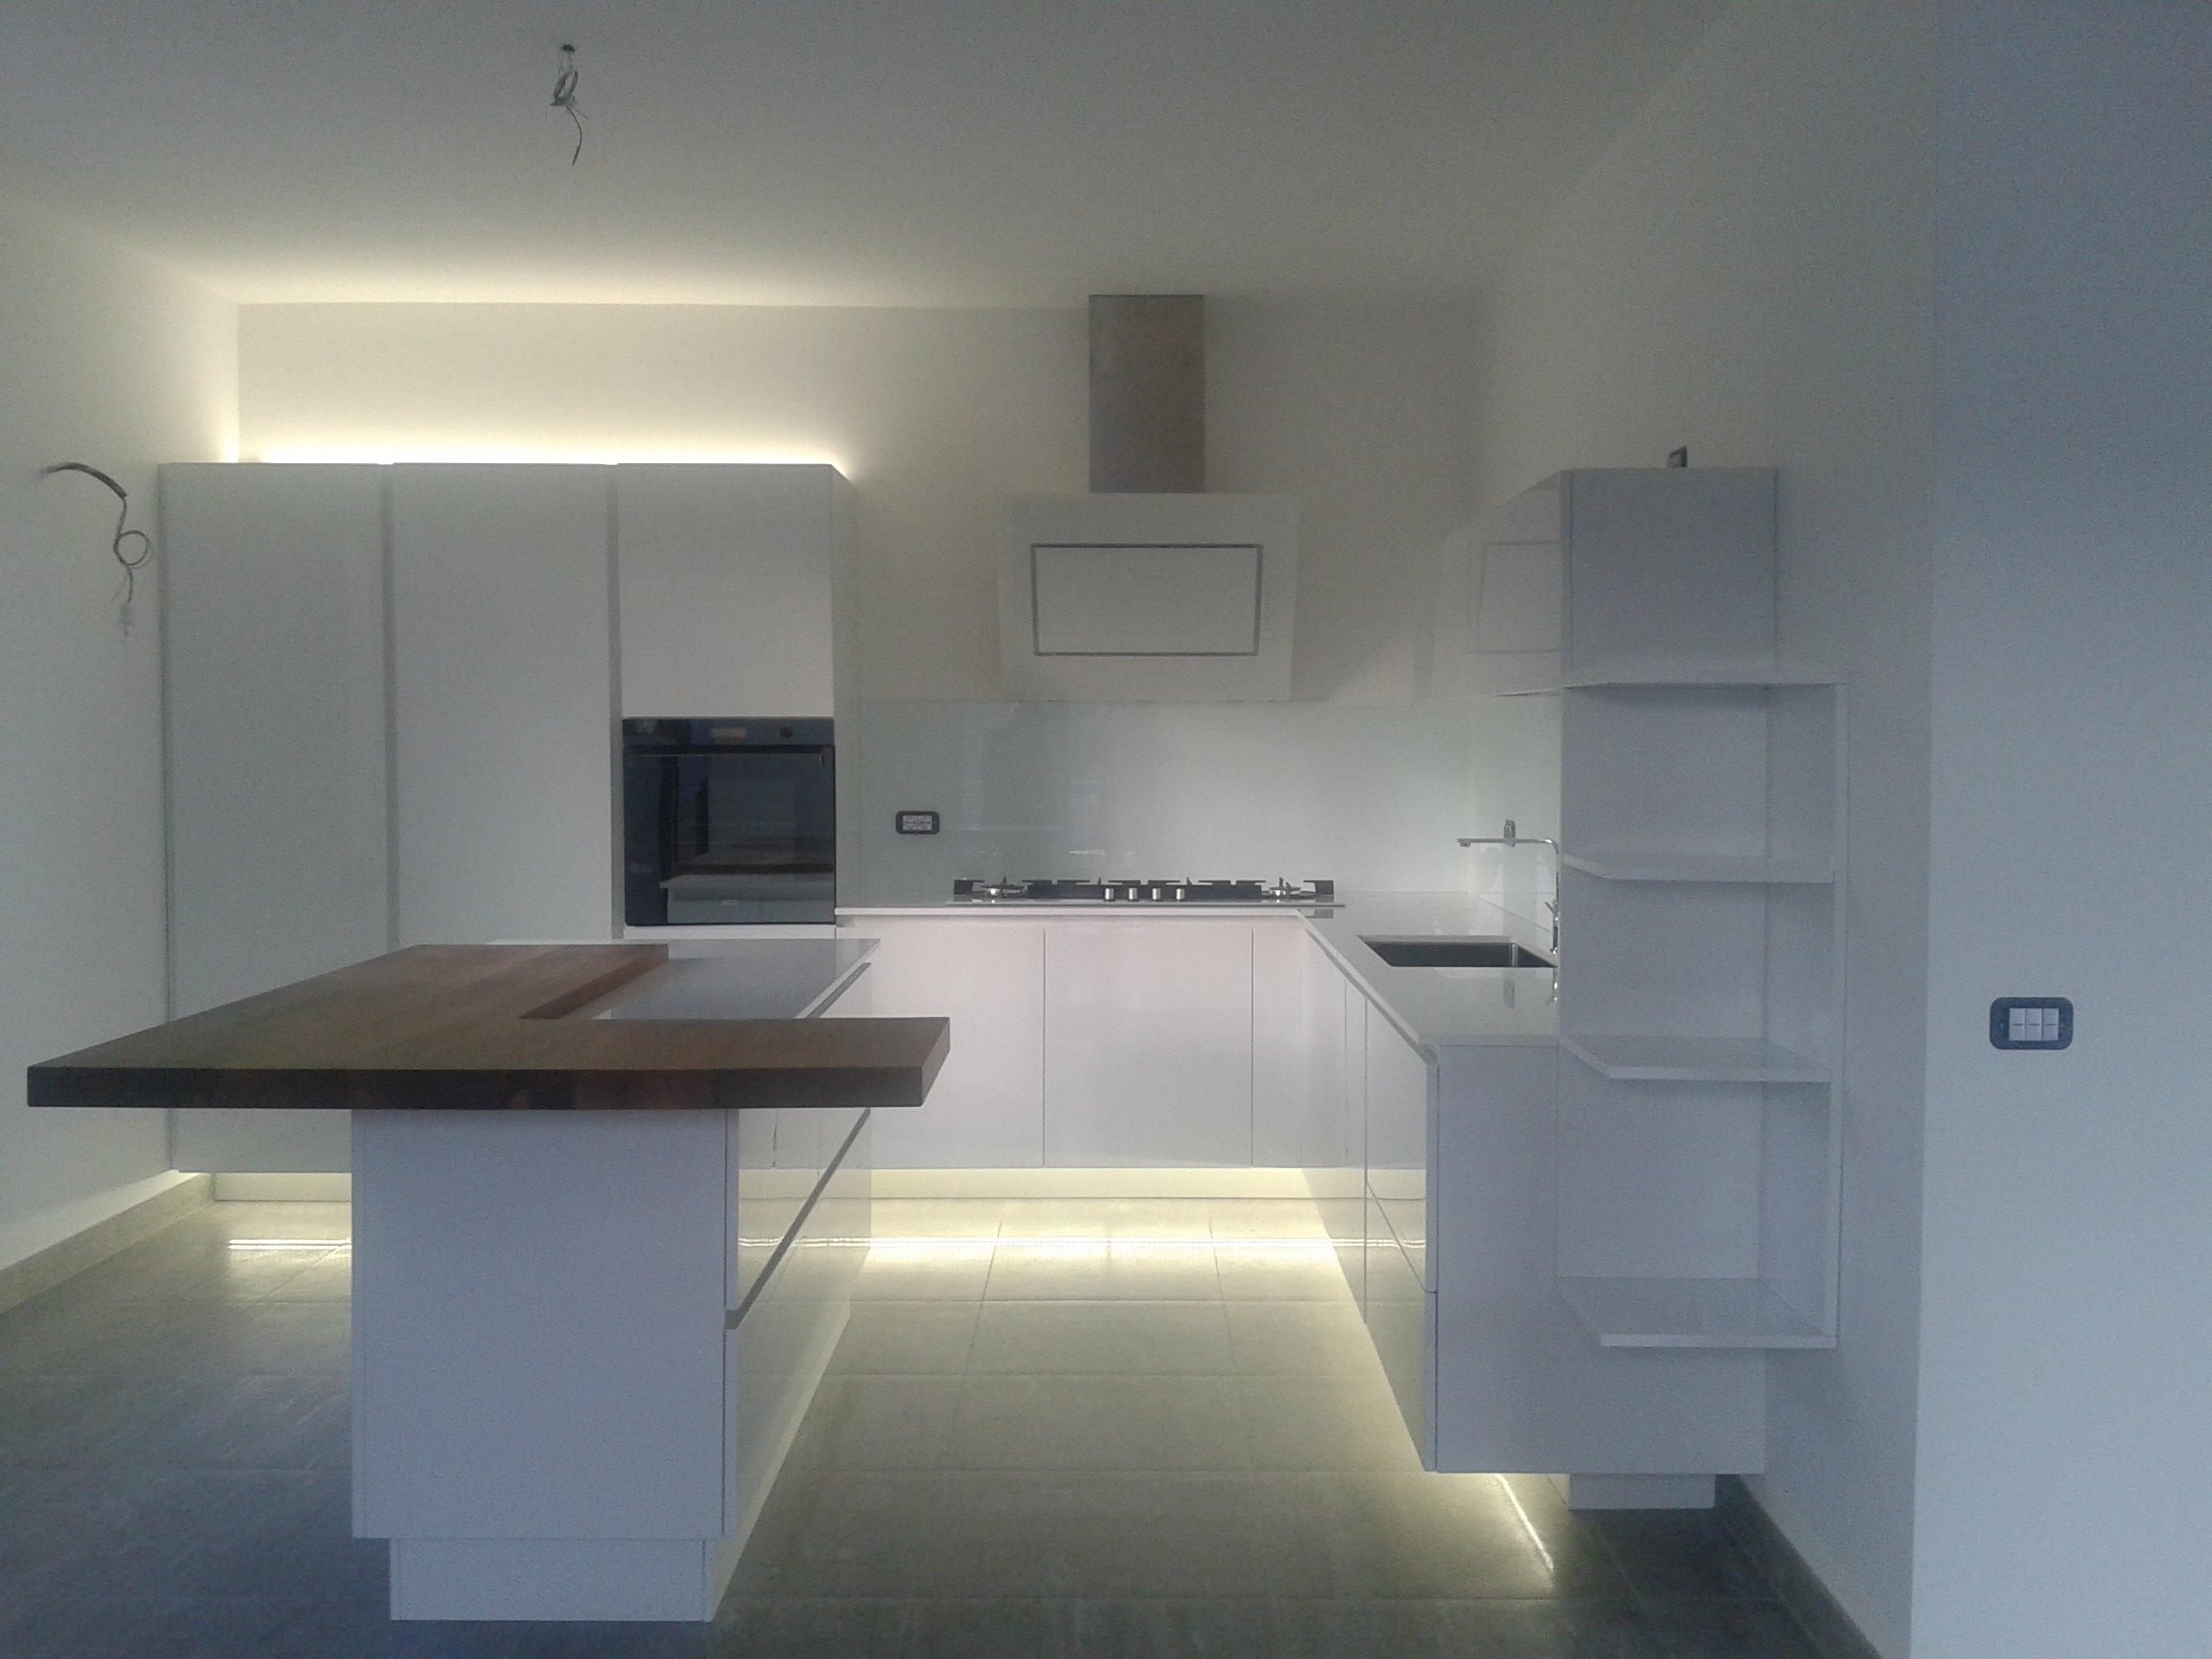 cucina bianca con pavimento illuminato